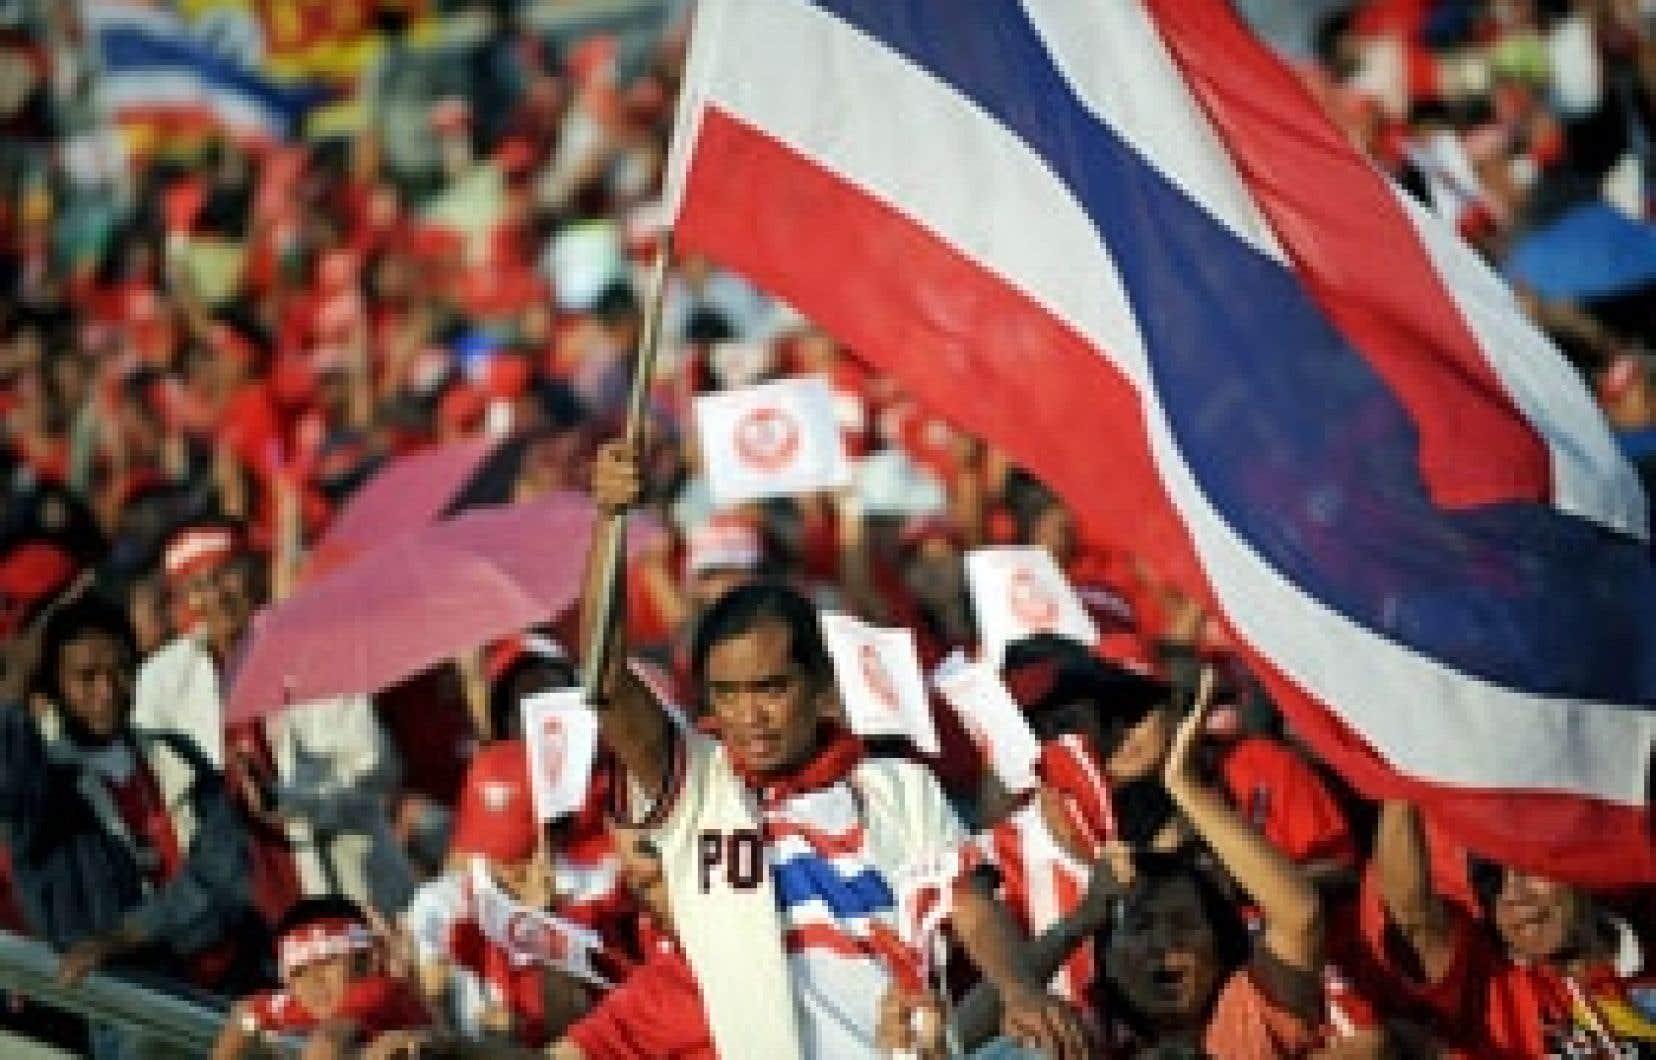 Plusieurs milliers de partisans du premier ministre Somchai Wongsawat, portant des chemises et des bandeaux rouges, ont défilé dans le centre de Bangkok.